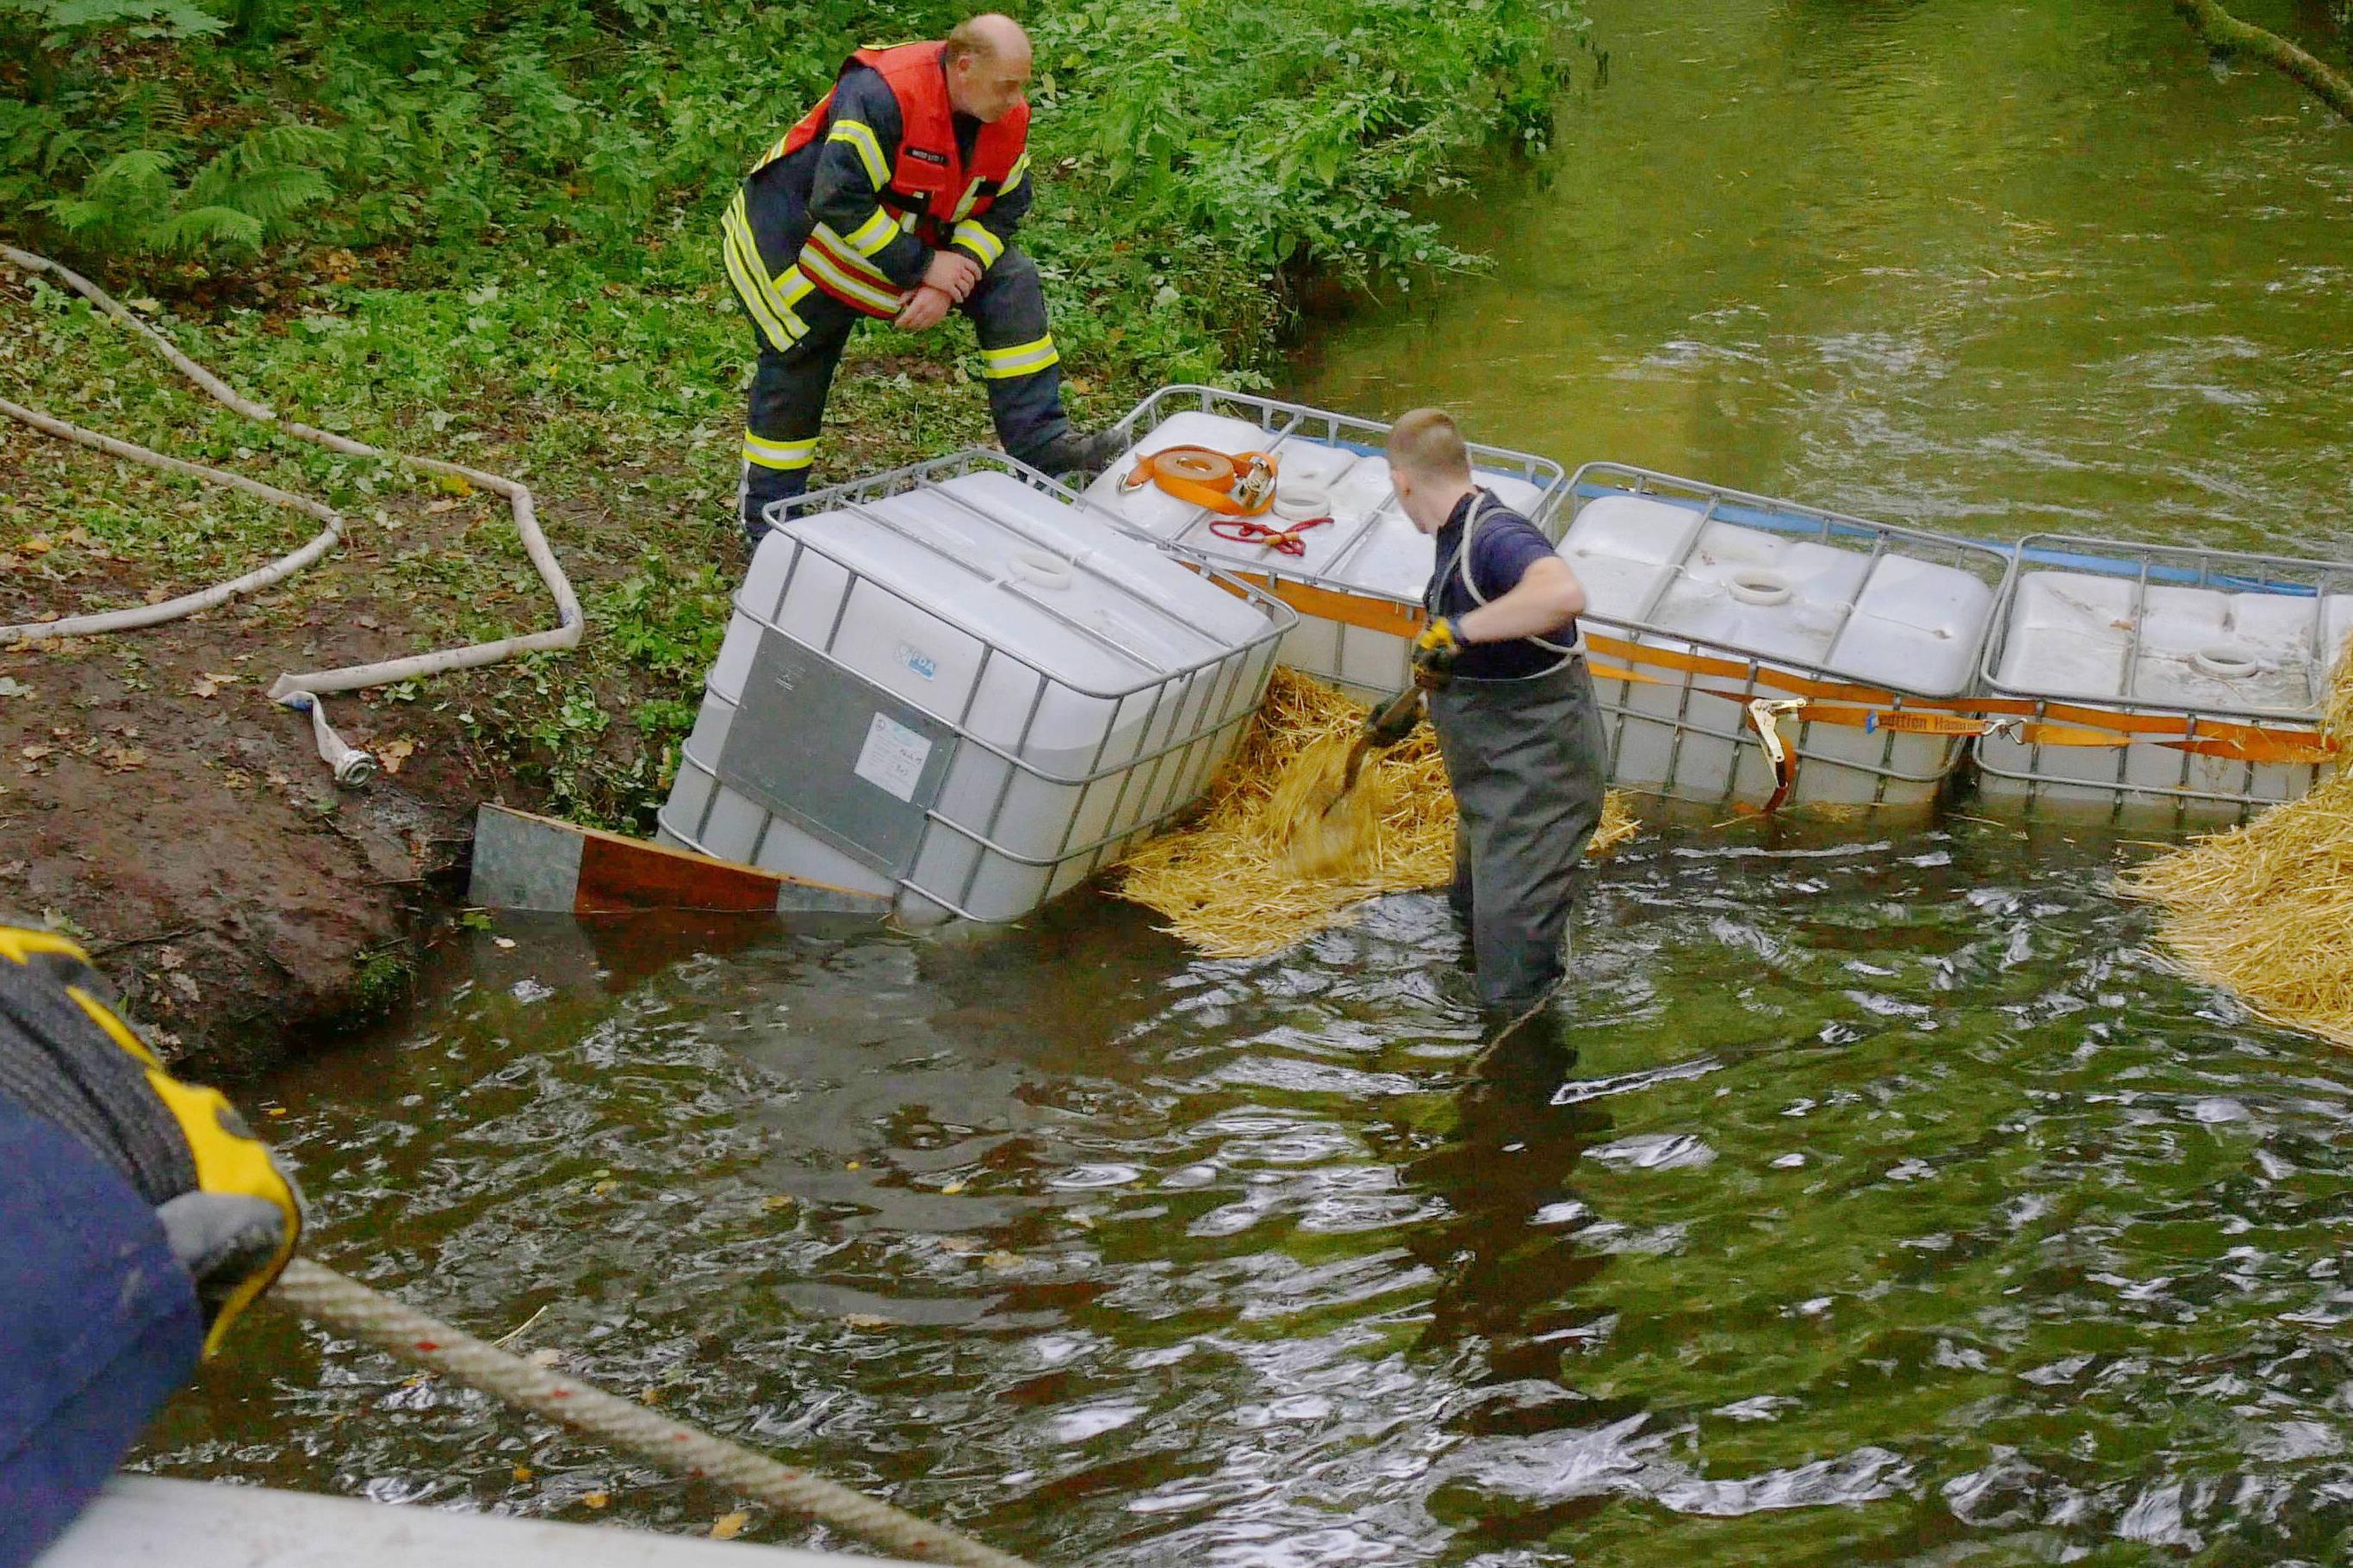 Die Feuerwehr hat die Schwalm aufgestaut, um mit einer Pumpe Löschwasser zu entnehmen. (Foto: Kreis Viersen)